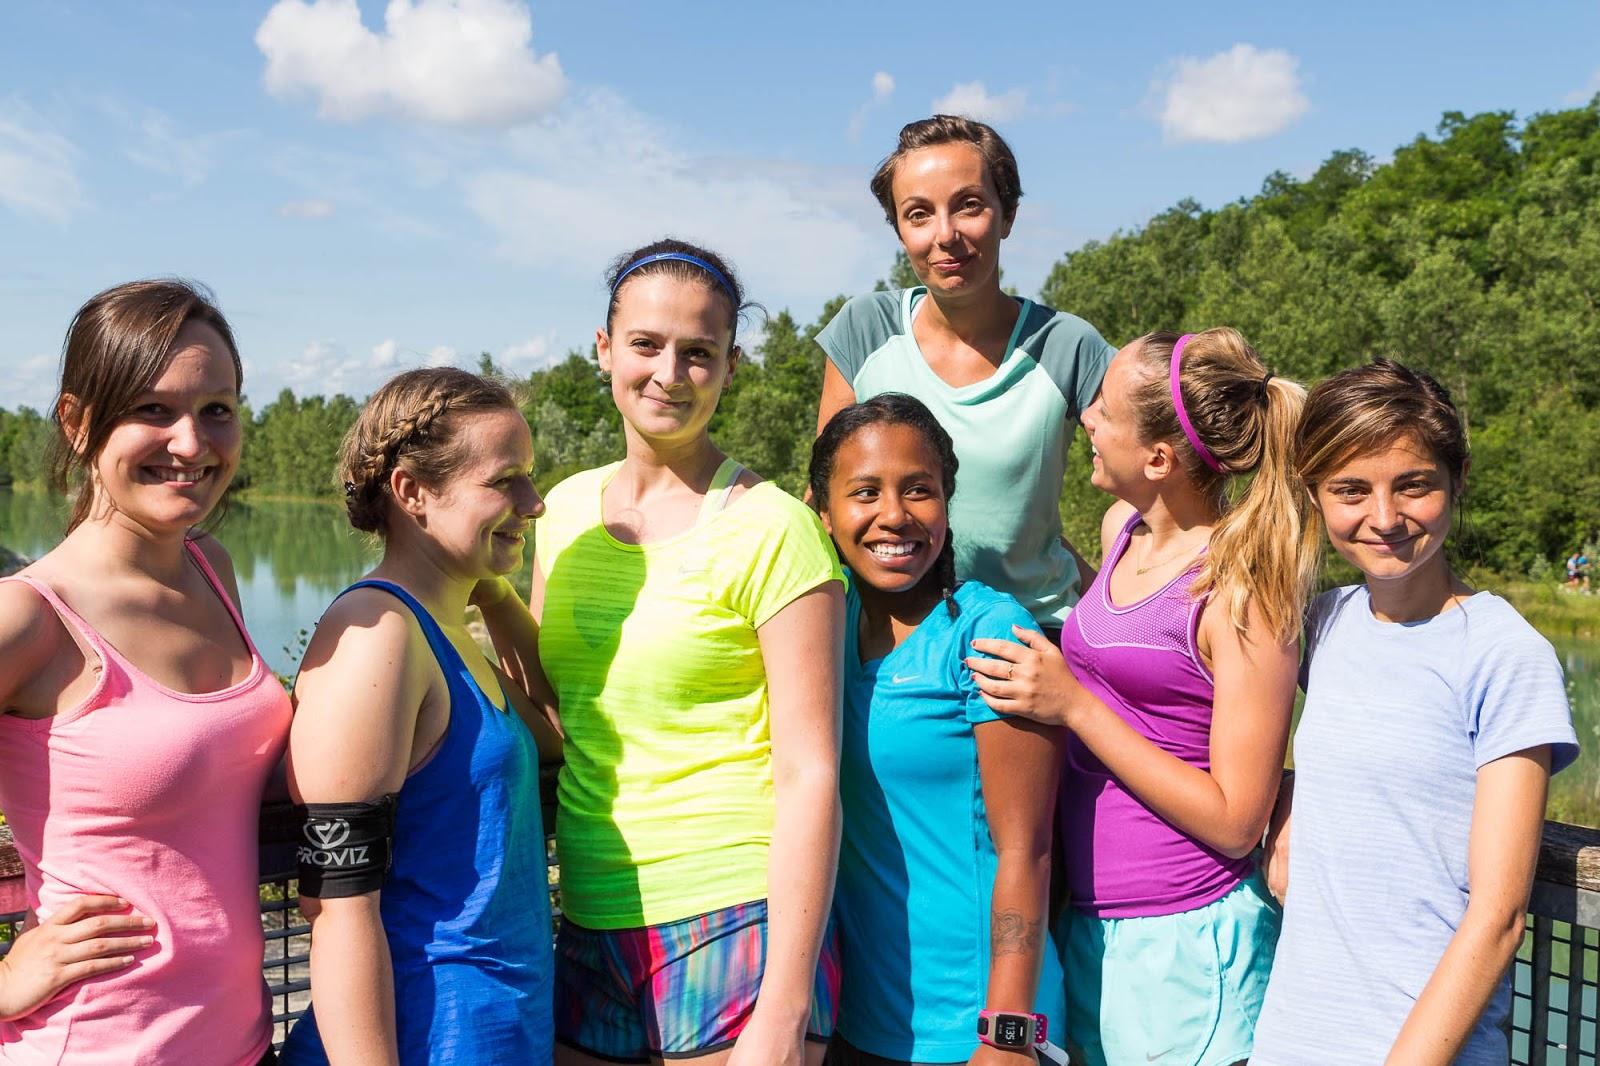 groupe de running